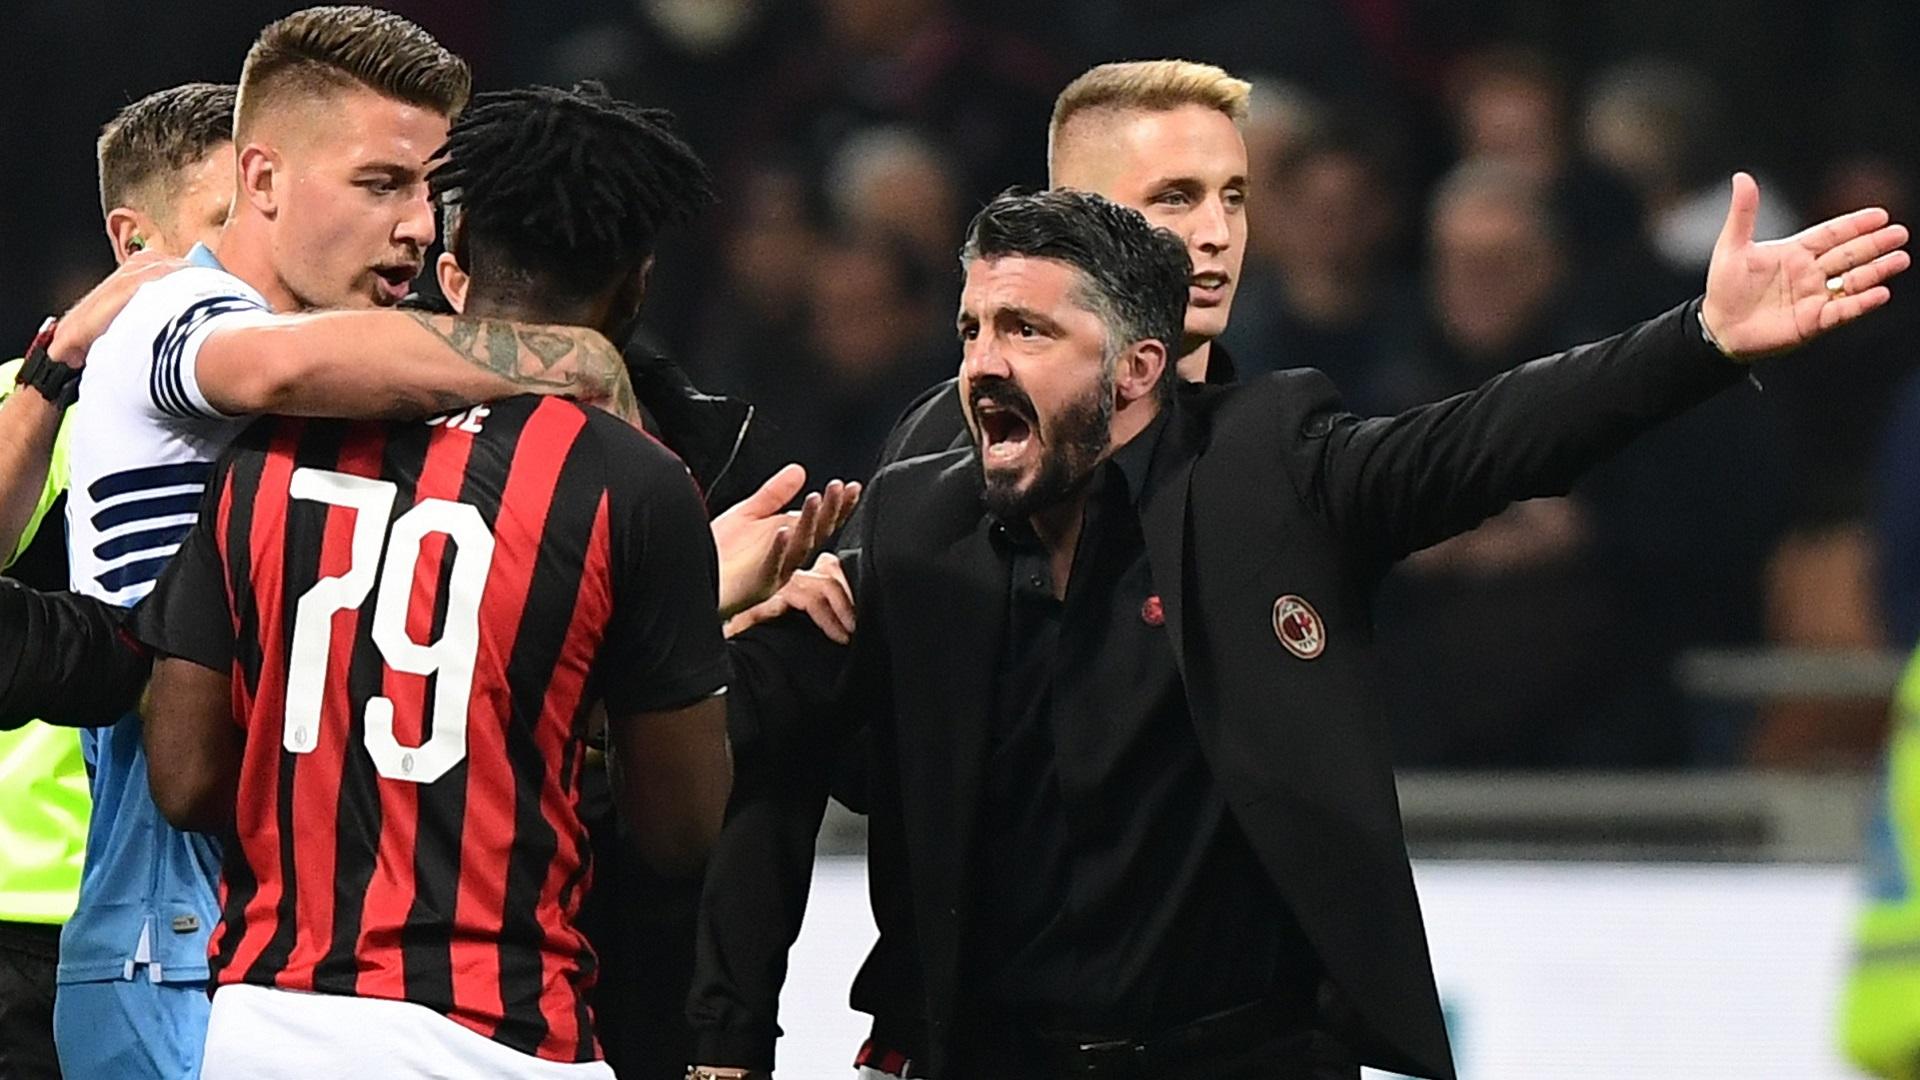 2019-04-14  Kessie Gattuso Milan